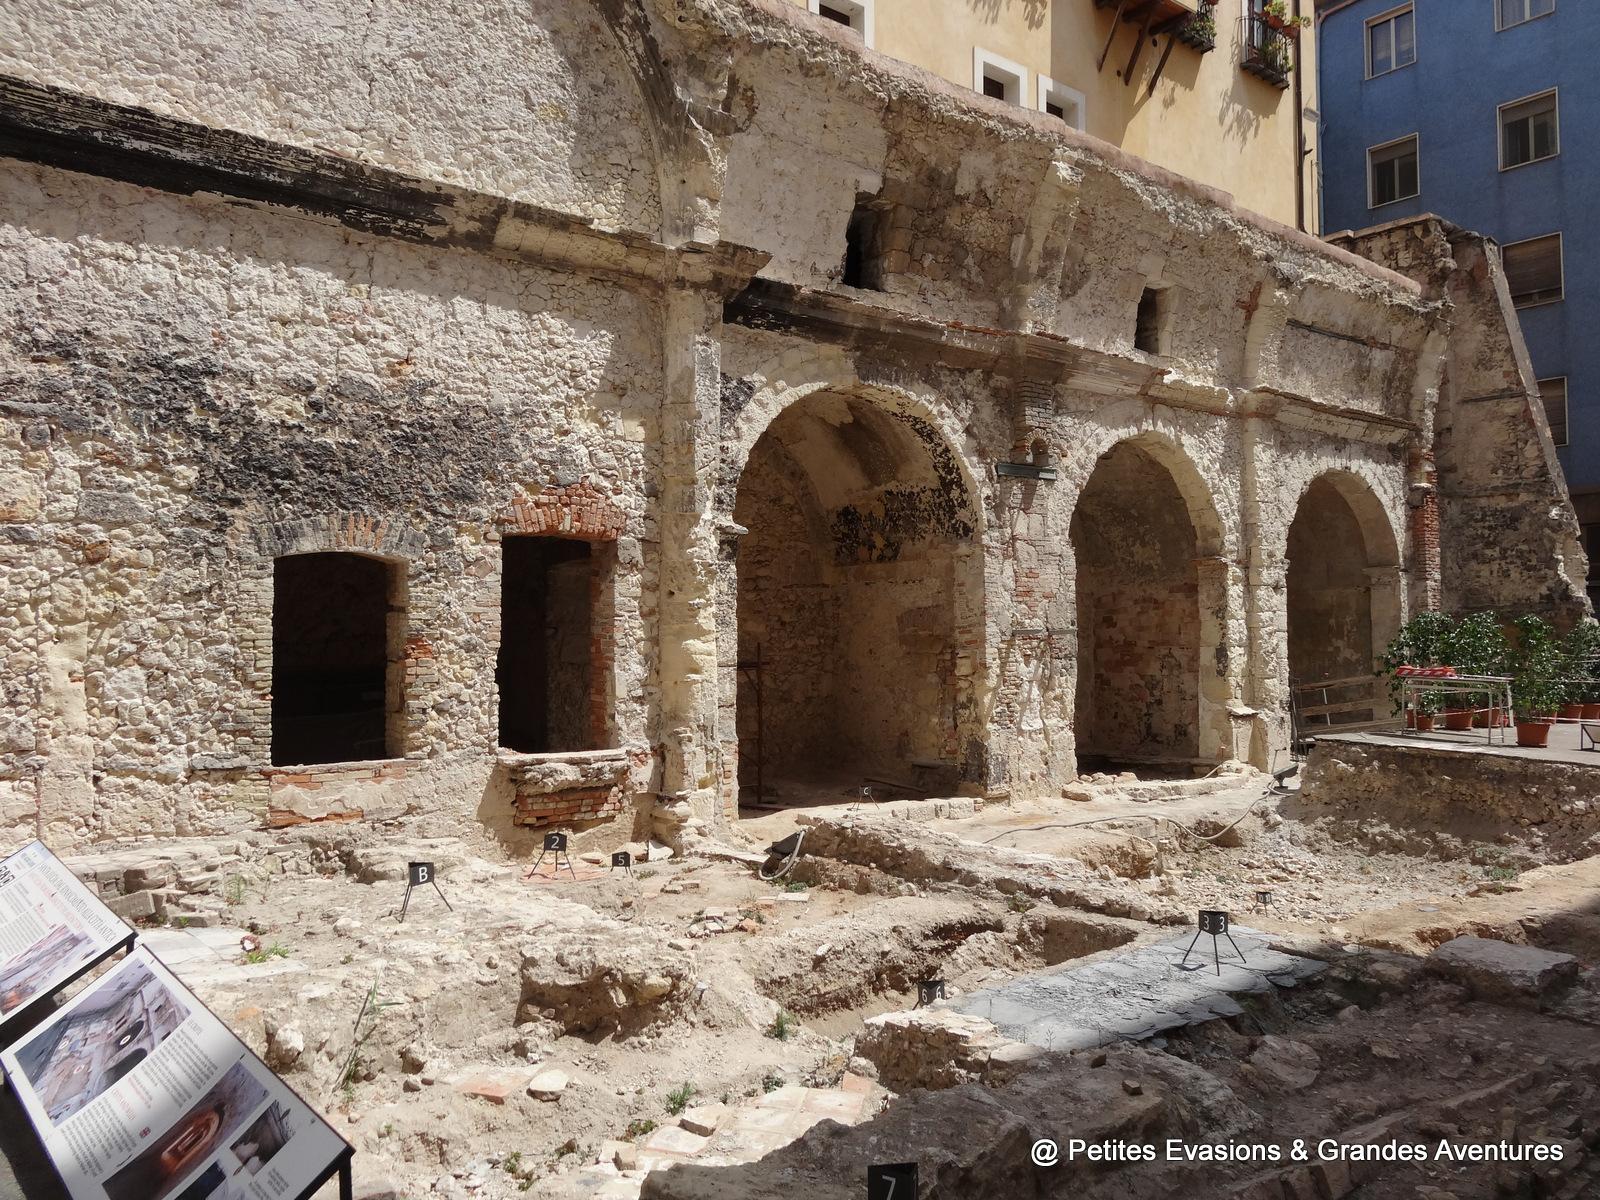 Vestiges de la Chiesa Santa Lucia sur la Via Sardegna, Cagliari